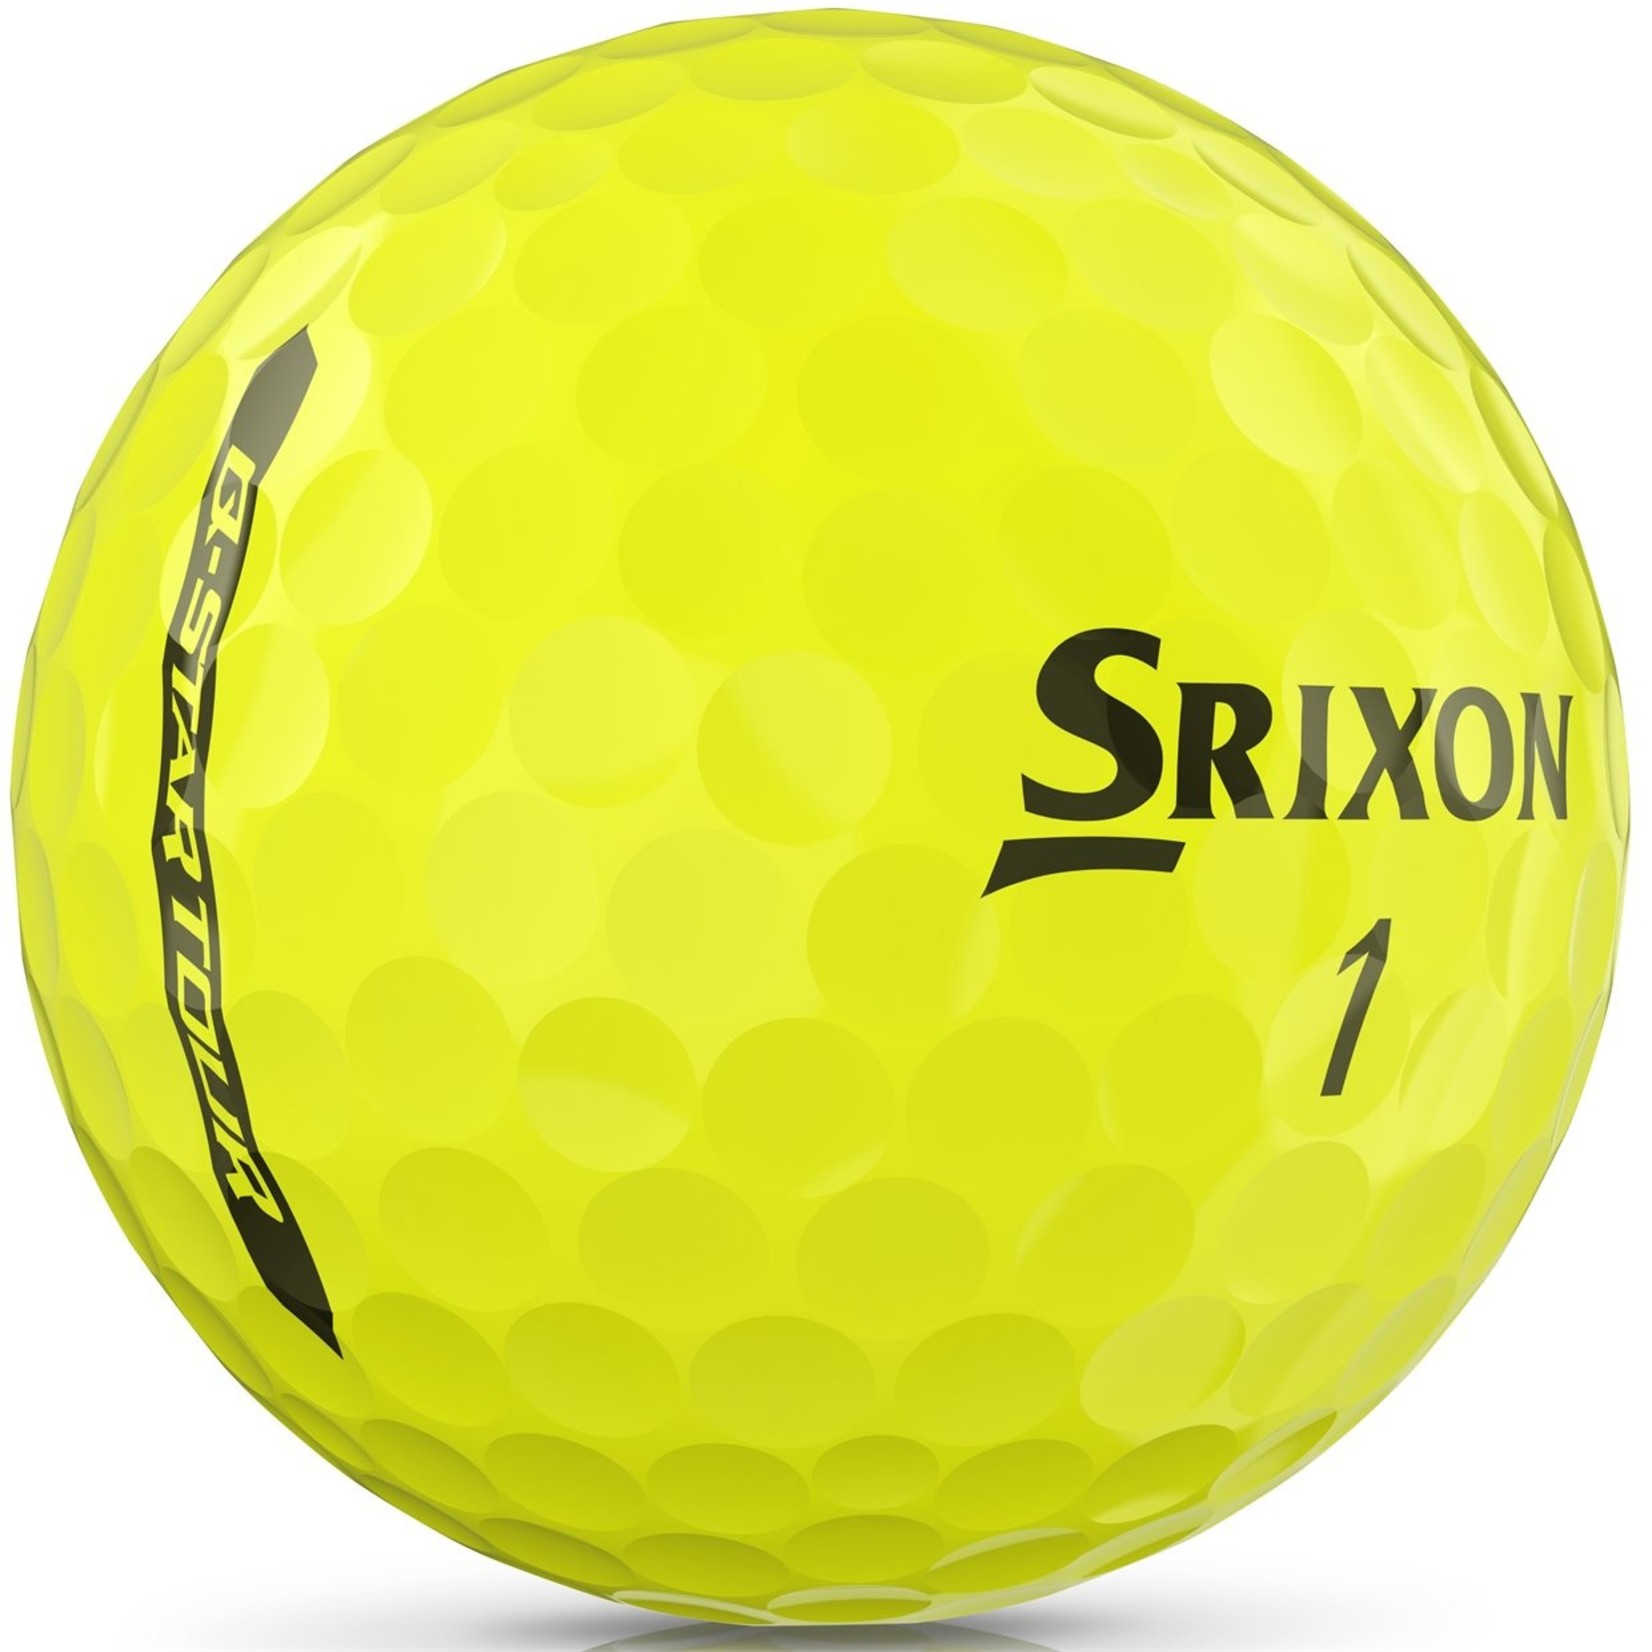 Srixon Srixon Q - Star Tour 3 Yellow Dozen